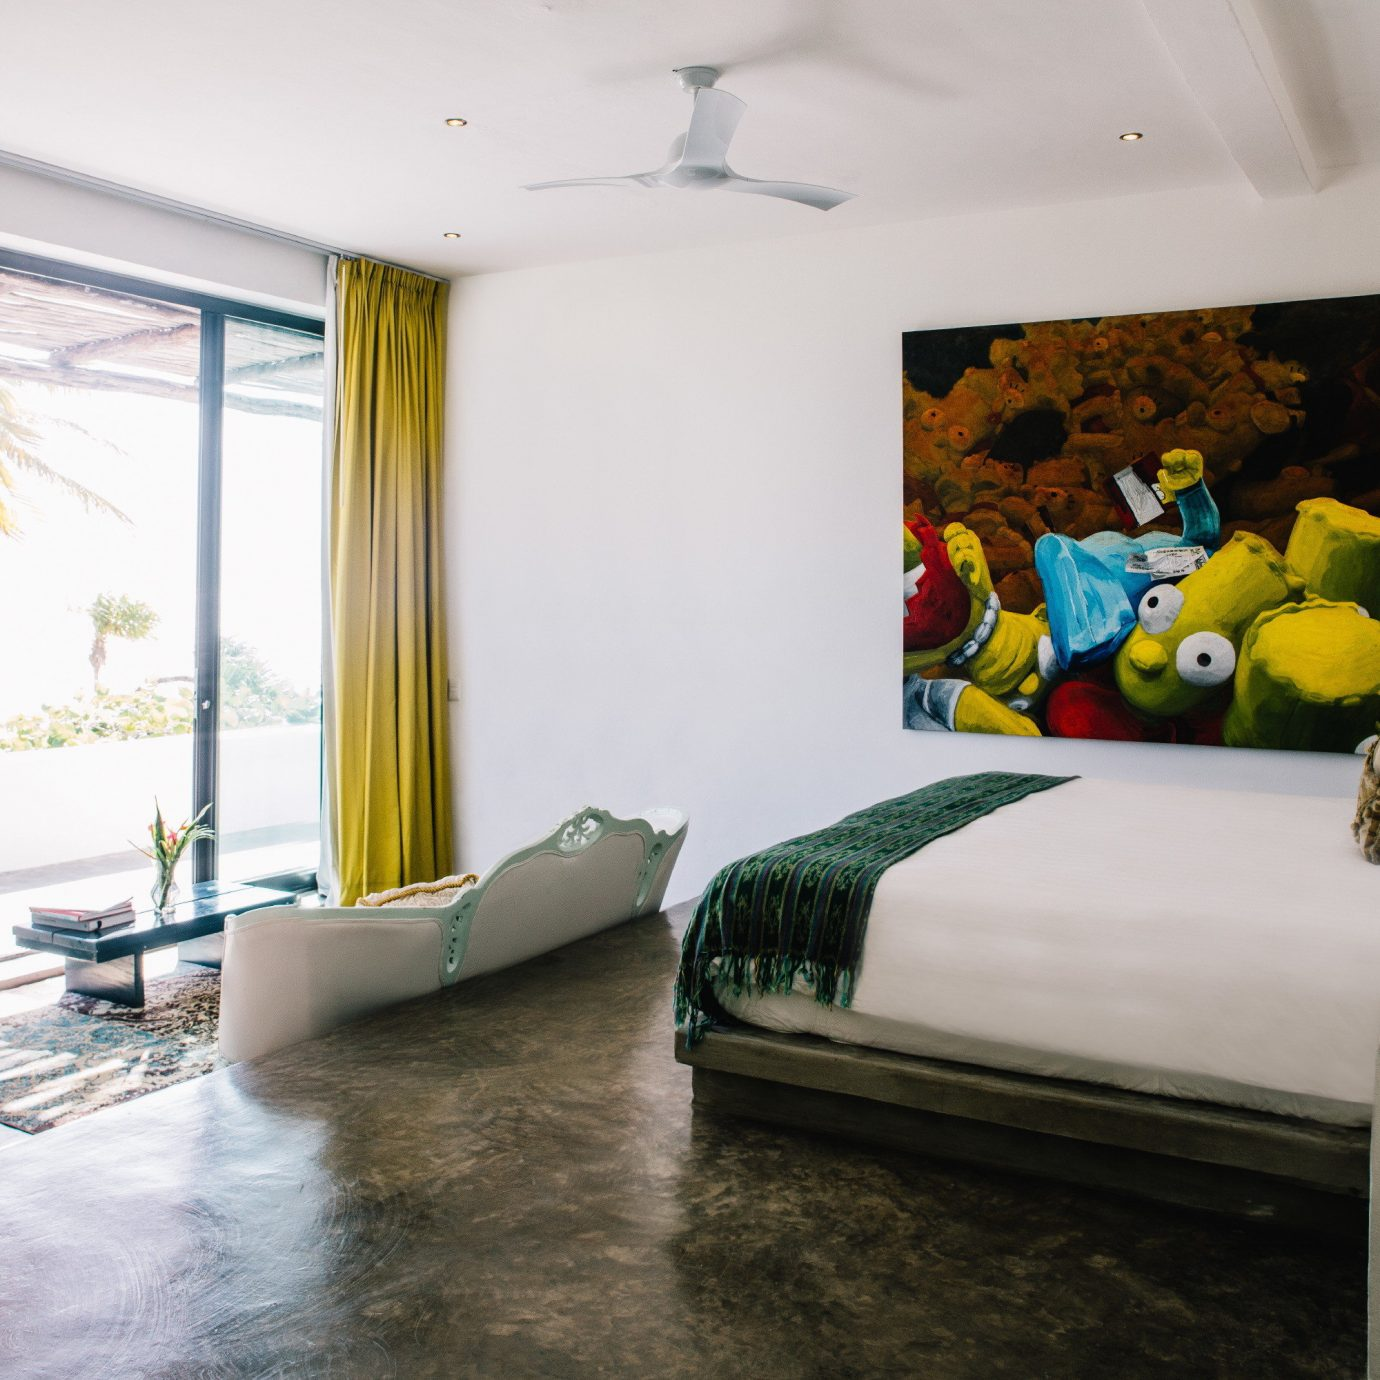 Boutique Hotels Hotels Mexico Tulum property Architecture Bedroom living room home Suite house loft interior designer condominium